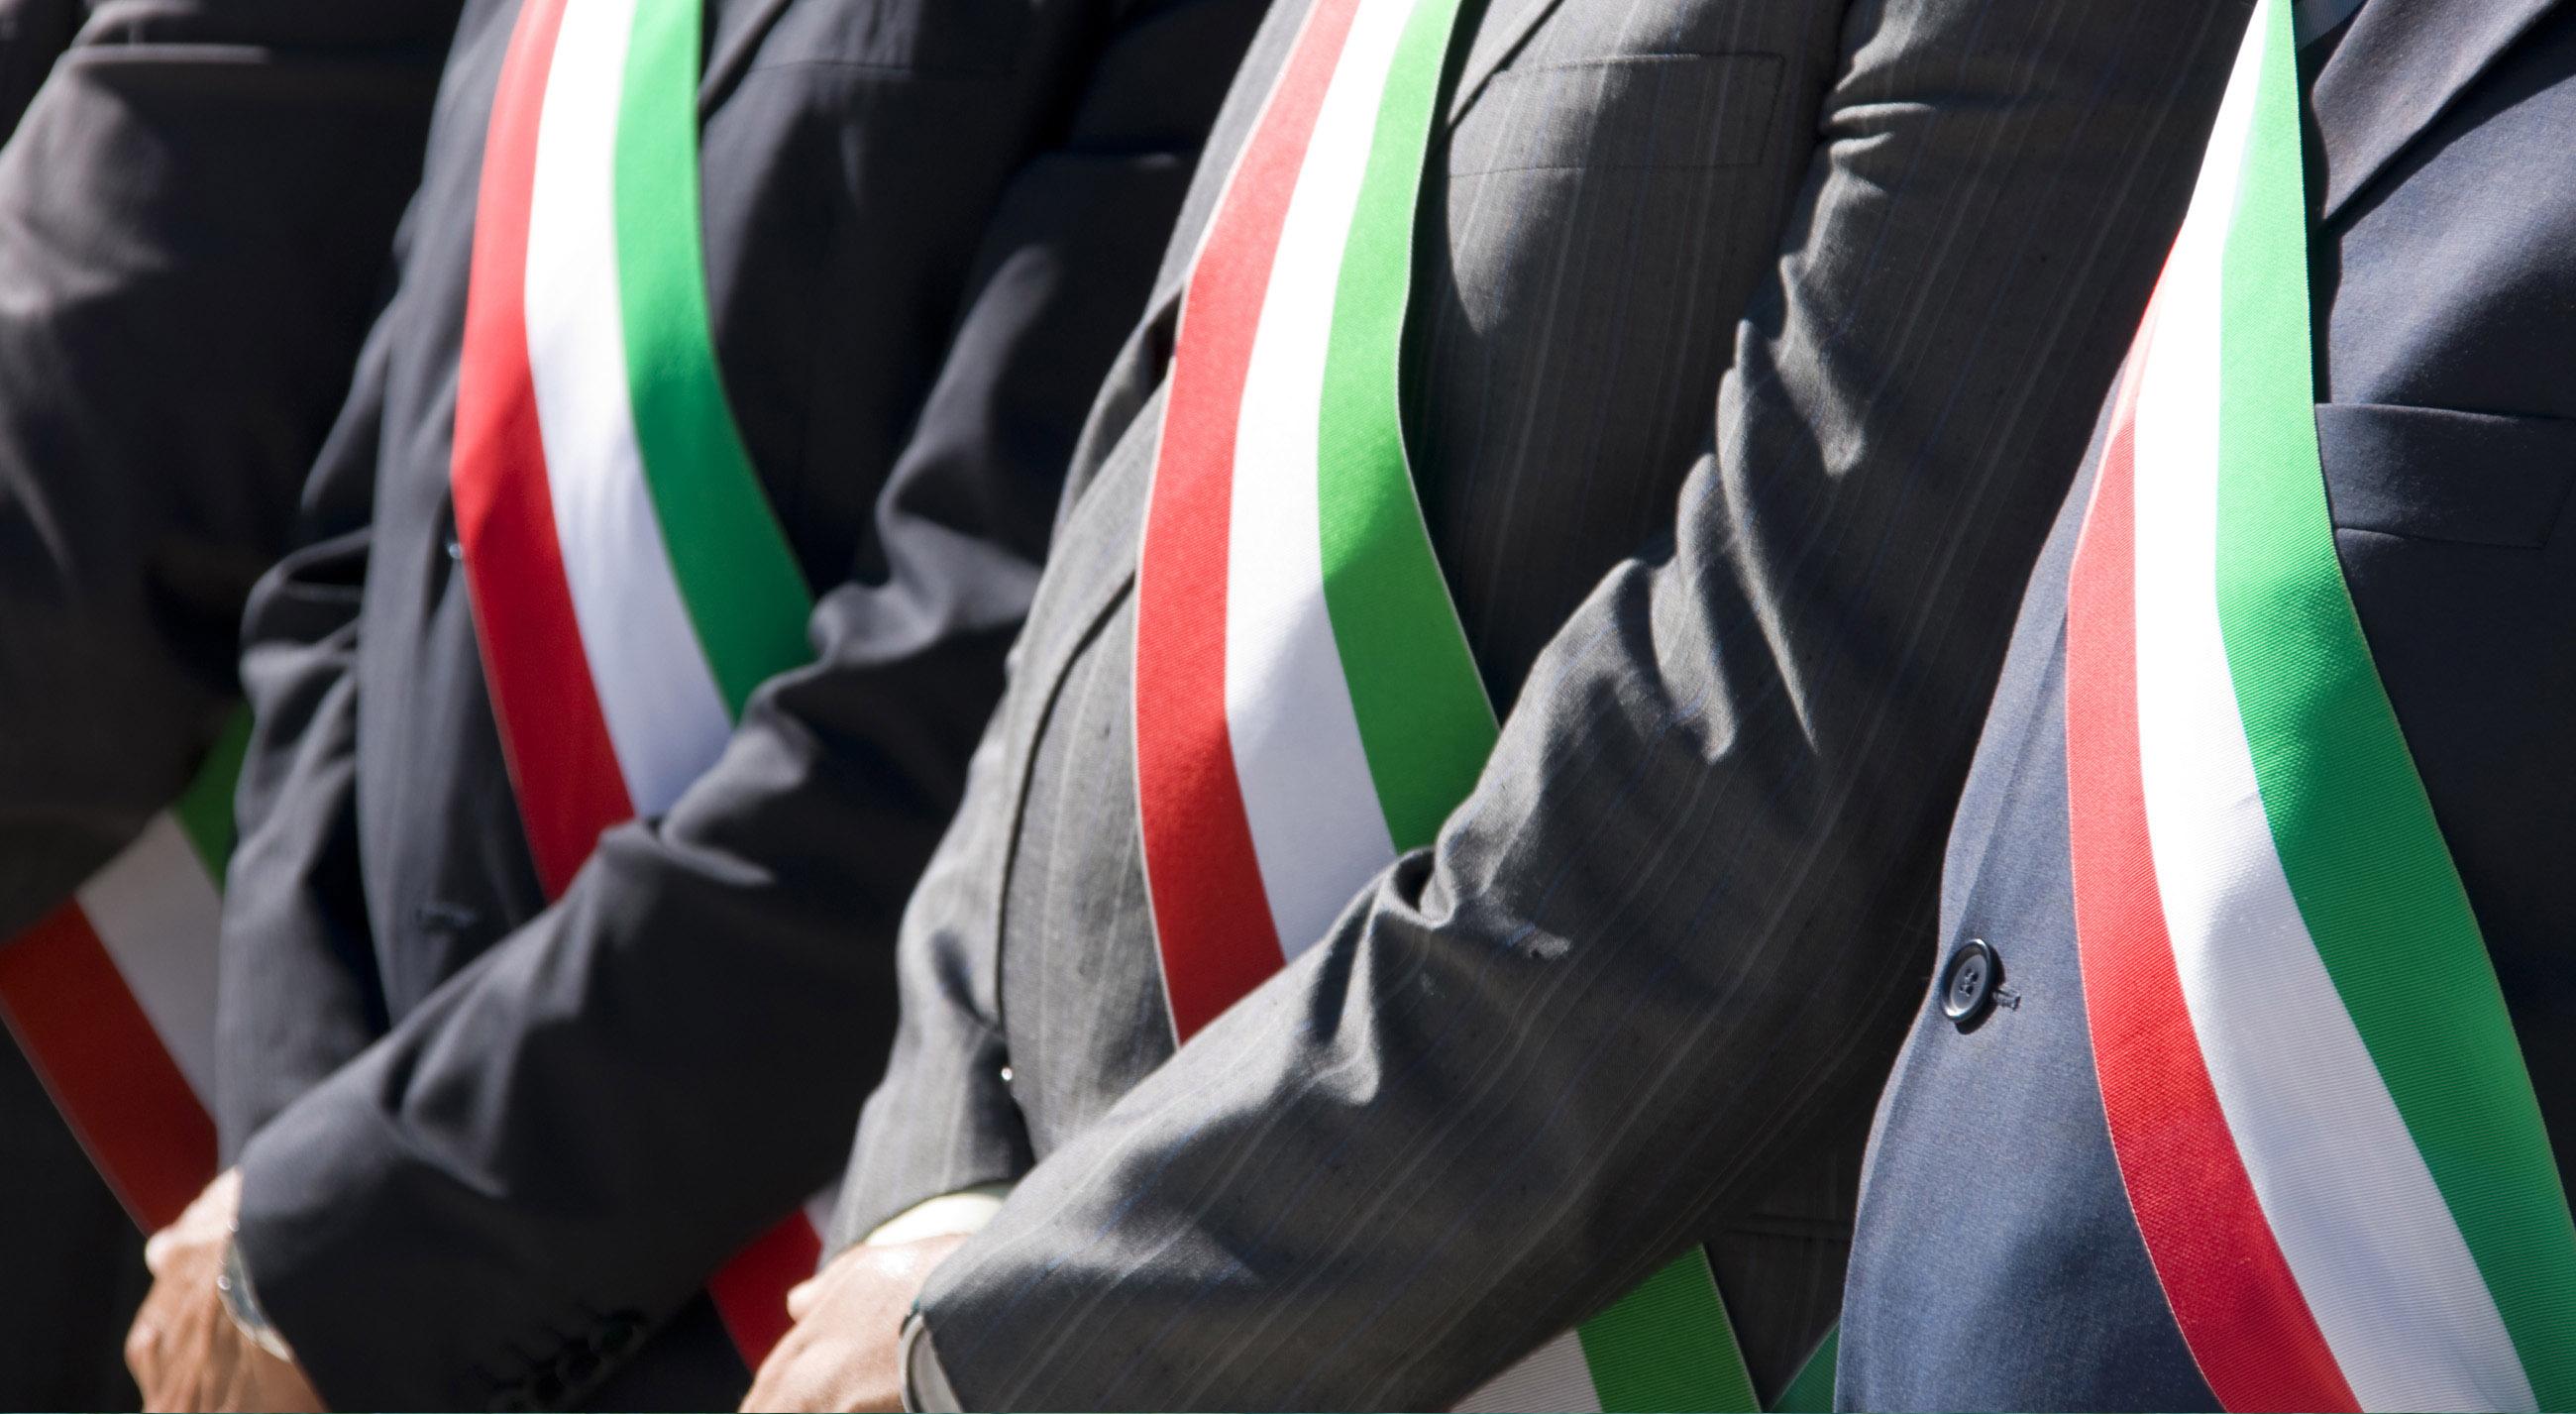 Lettera minatoria al Sindaco di Lacchiarella (Mi) Antonella Violi. Il comunicato di Avviso Pubblico